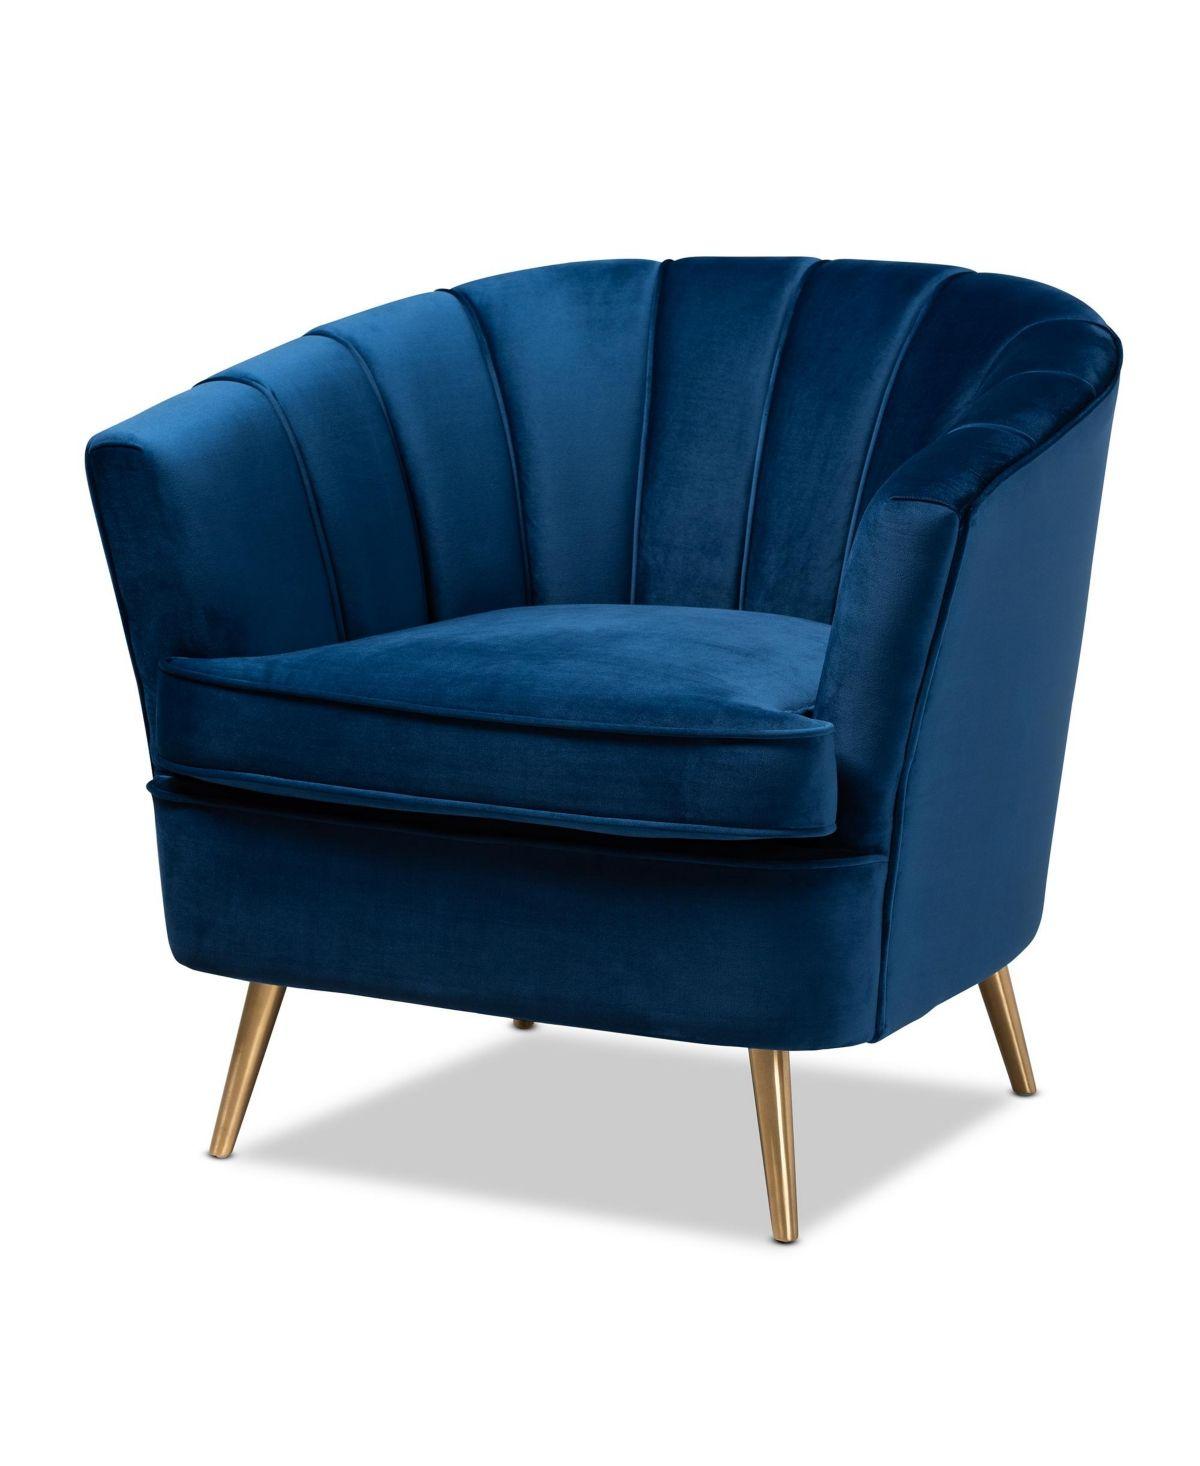 Emeline Accent Chair Quick Ship Navy Blue Blue Velvet Accent